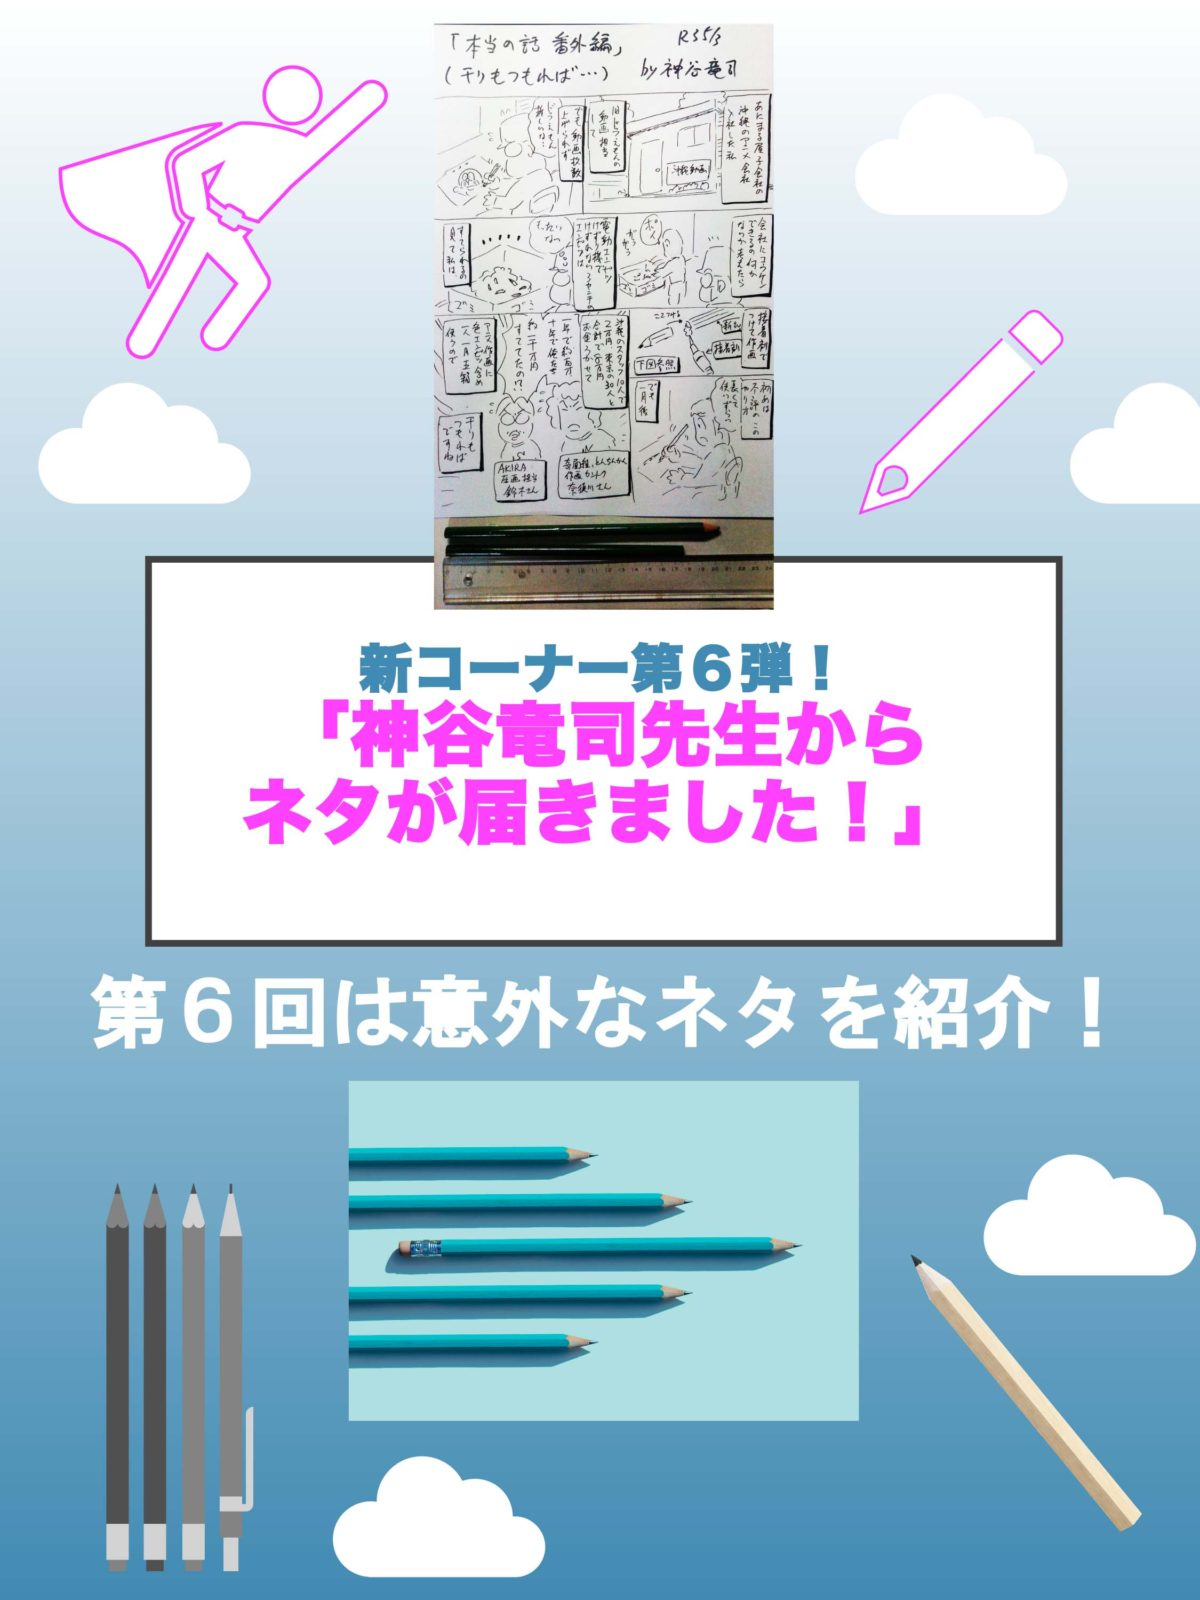 その6です! 今回は1ネタ!「神谷竜司先生からネタが届きました!」